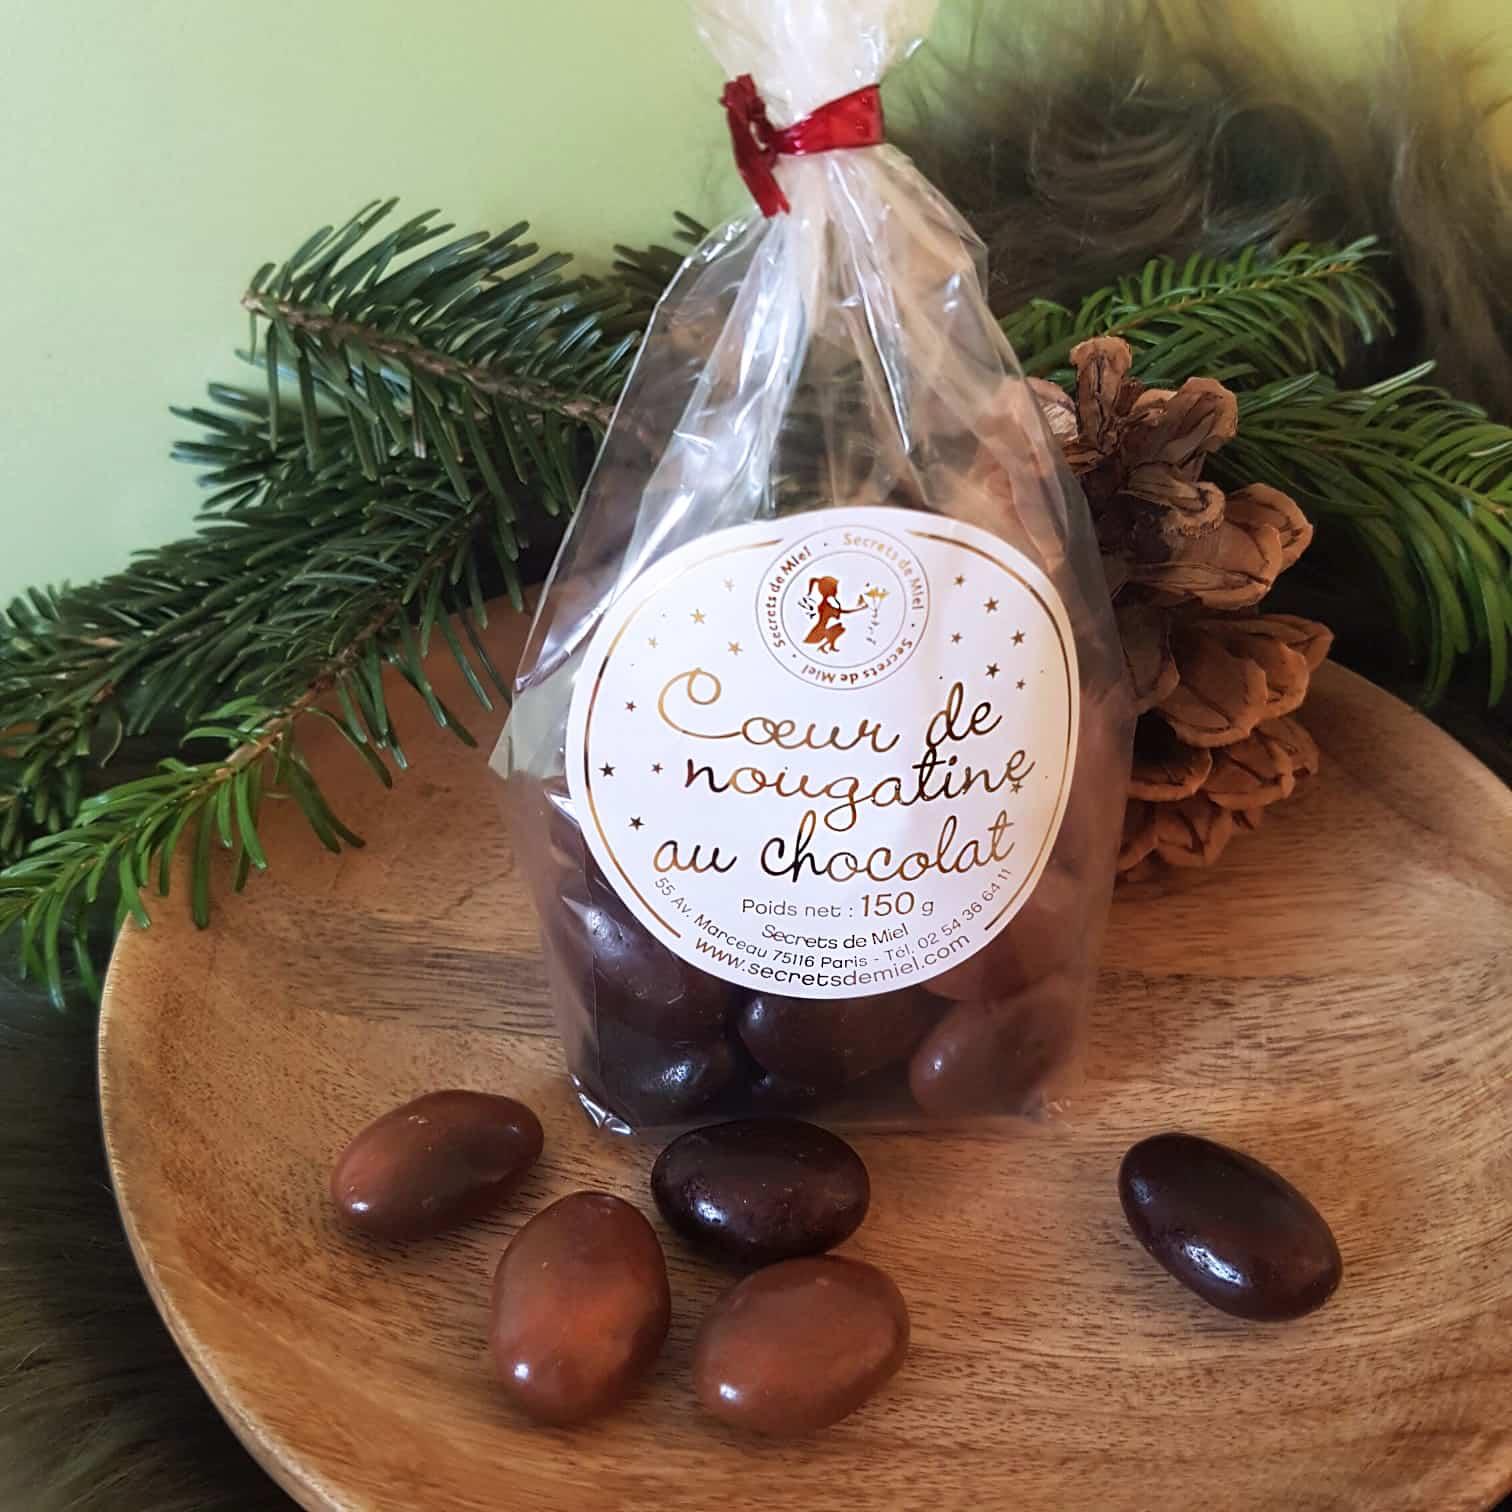 nougatines au chocolat - lot de deux - idée cadeau - mood Noël